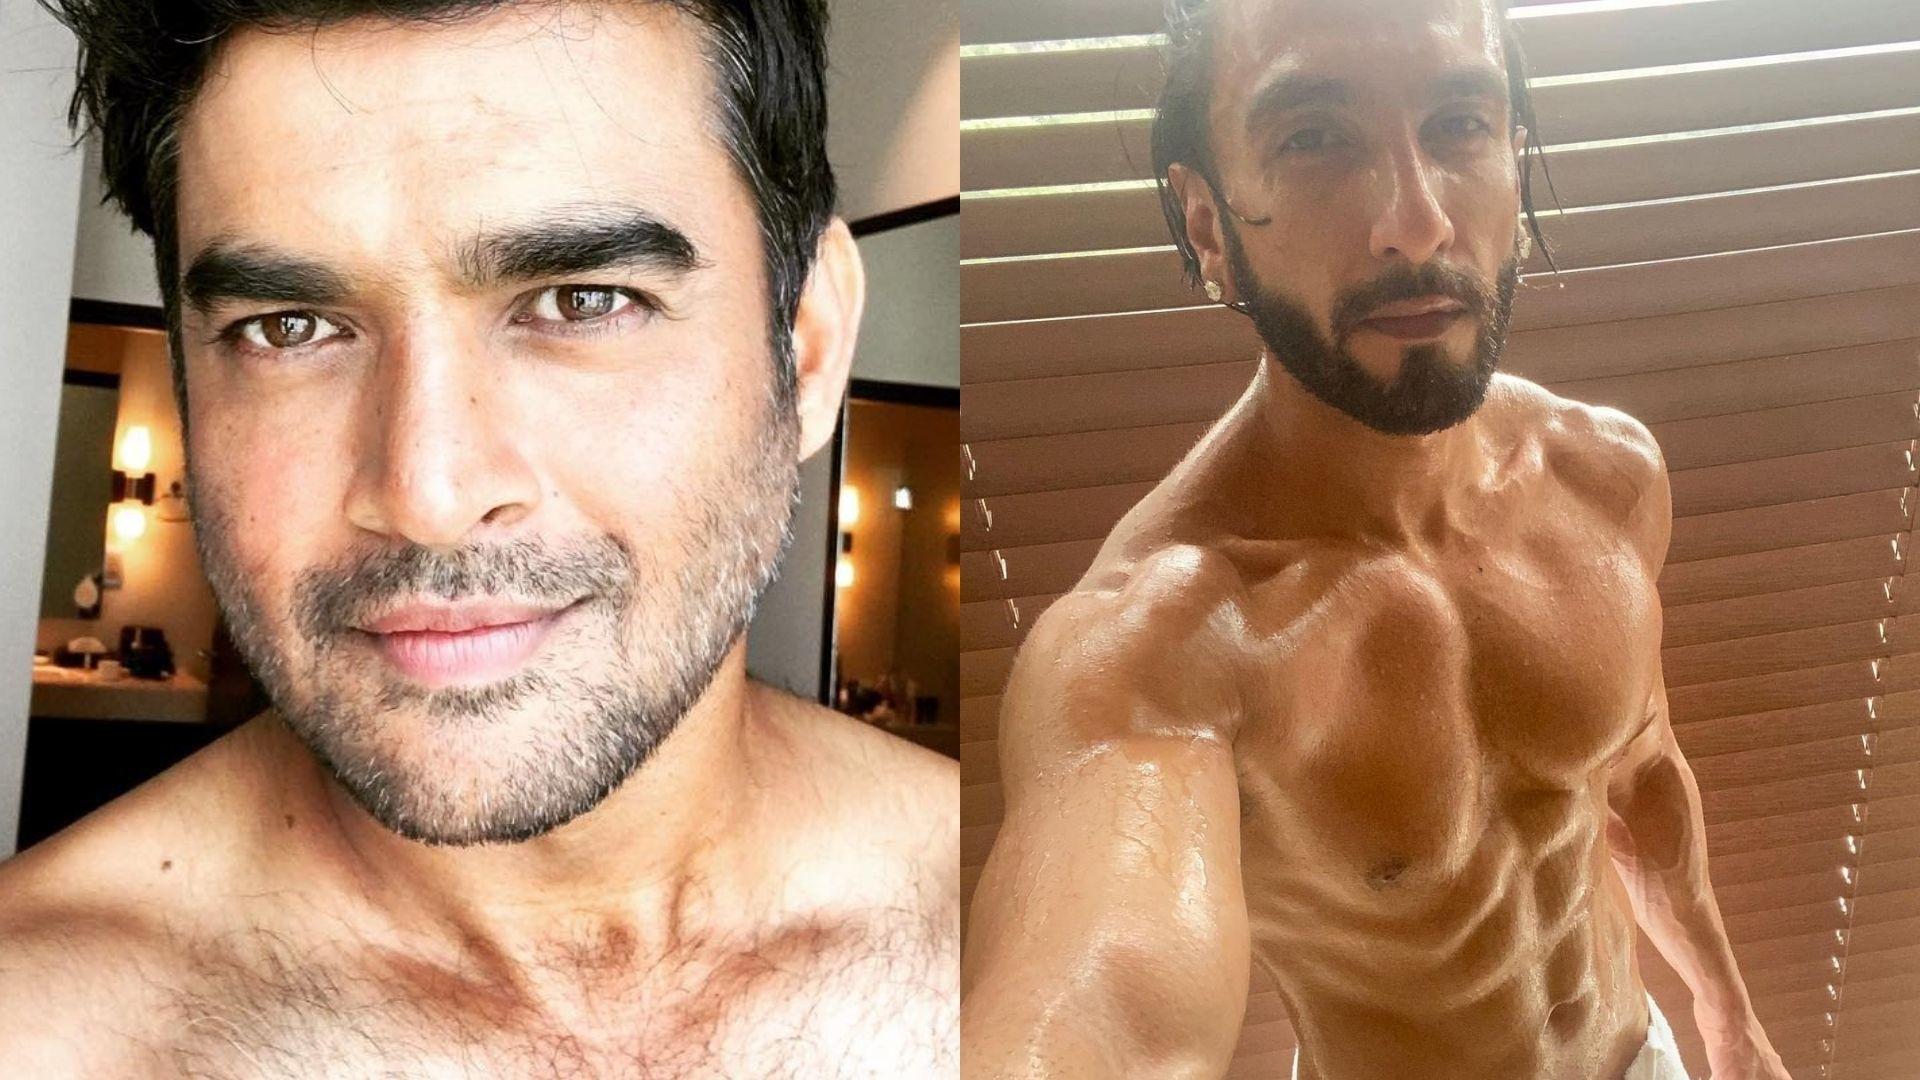 Ranveer Singh's Shirtless Shower Selfie Makes R Madhvan Go ROFL; Comments, 'Post-Shower Selfie Ka Khitaab Mujhse Kitni Baar Cheenega?'